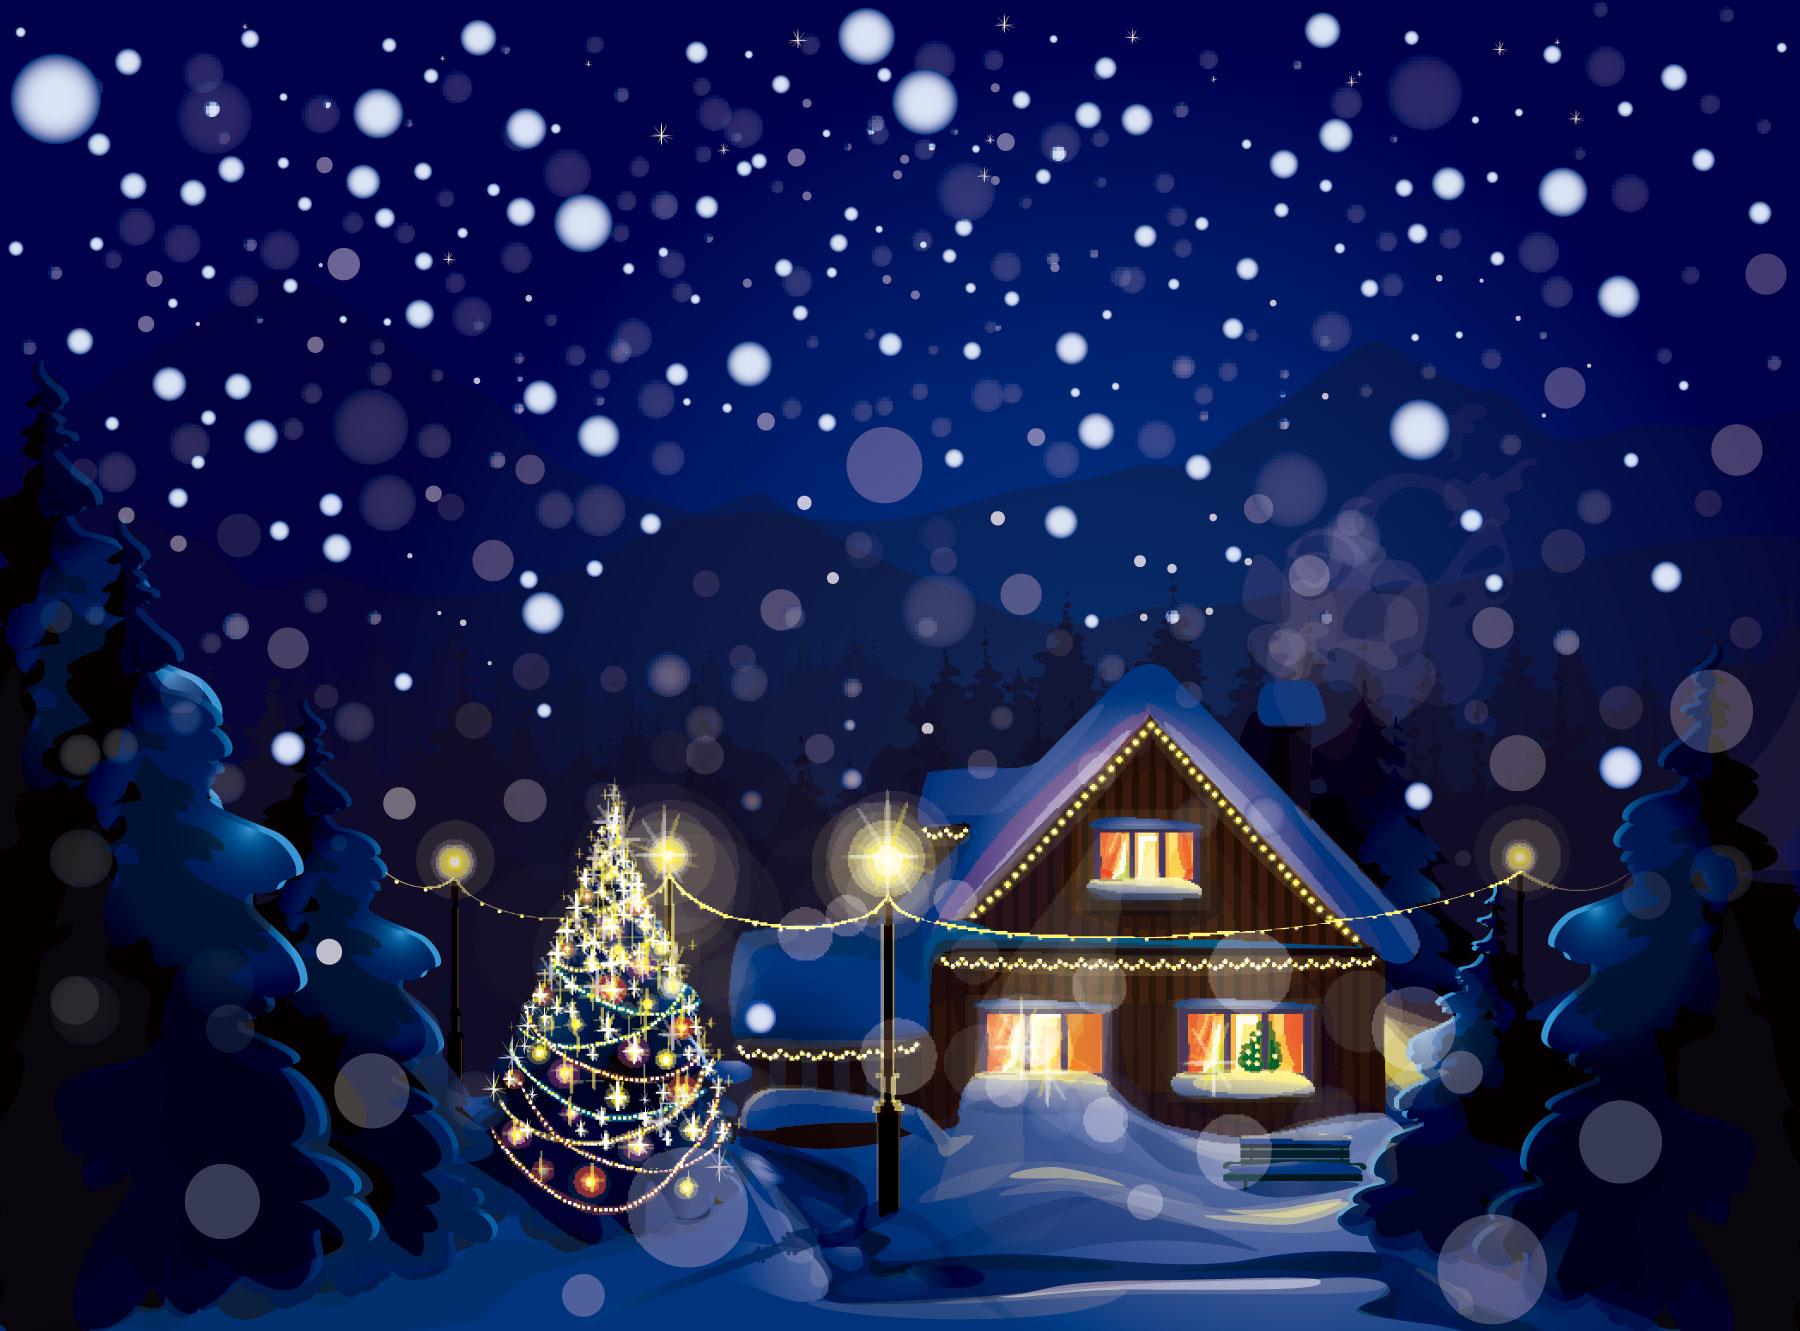 素敵なクリスマスイラスト集壁紙 Naver まとめ